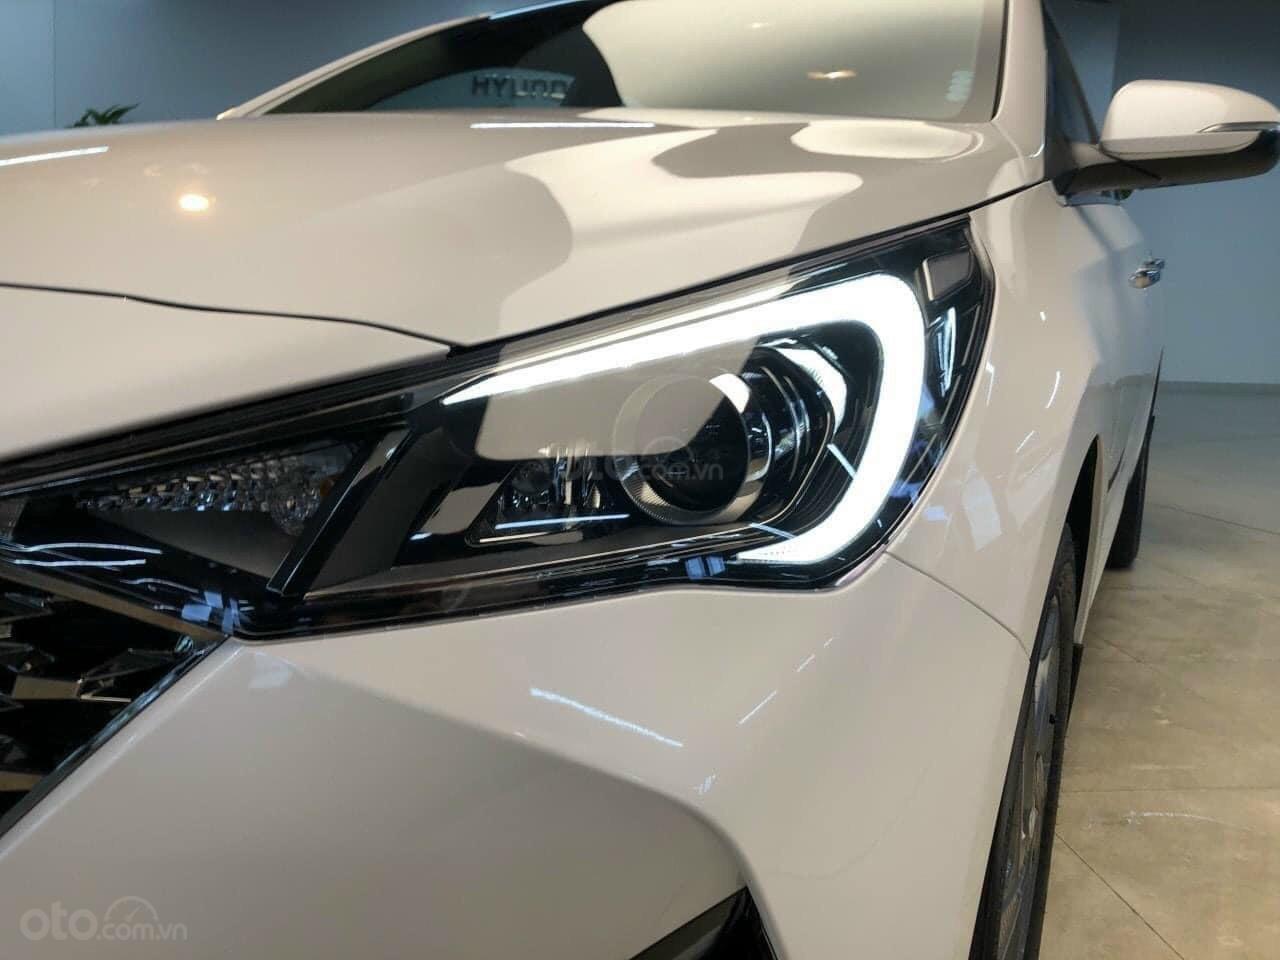 Hyundai Accent, quà tặng khủng, đủ màu giao ngay, gia tăng bảo hành đến 5 năm (7)